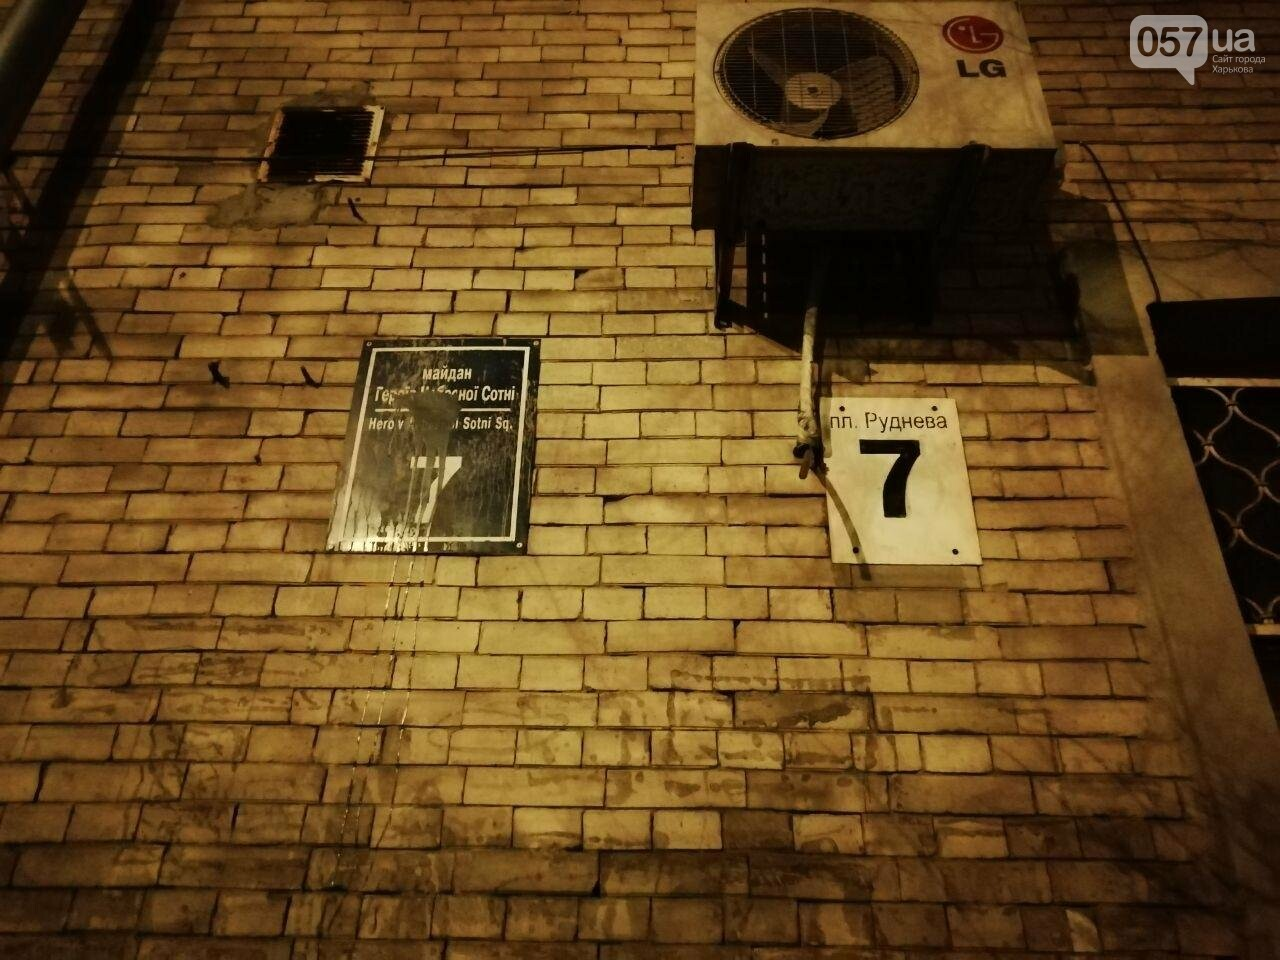 В Харькове облили краской адресные таблички на площади Героев Небесной Сотни, - ФОТО, фото-3